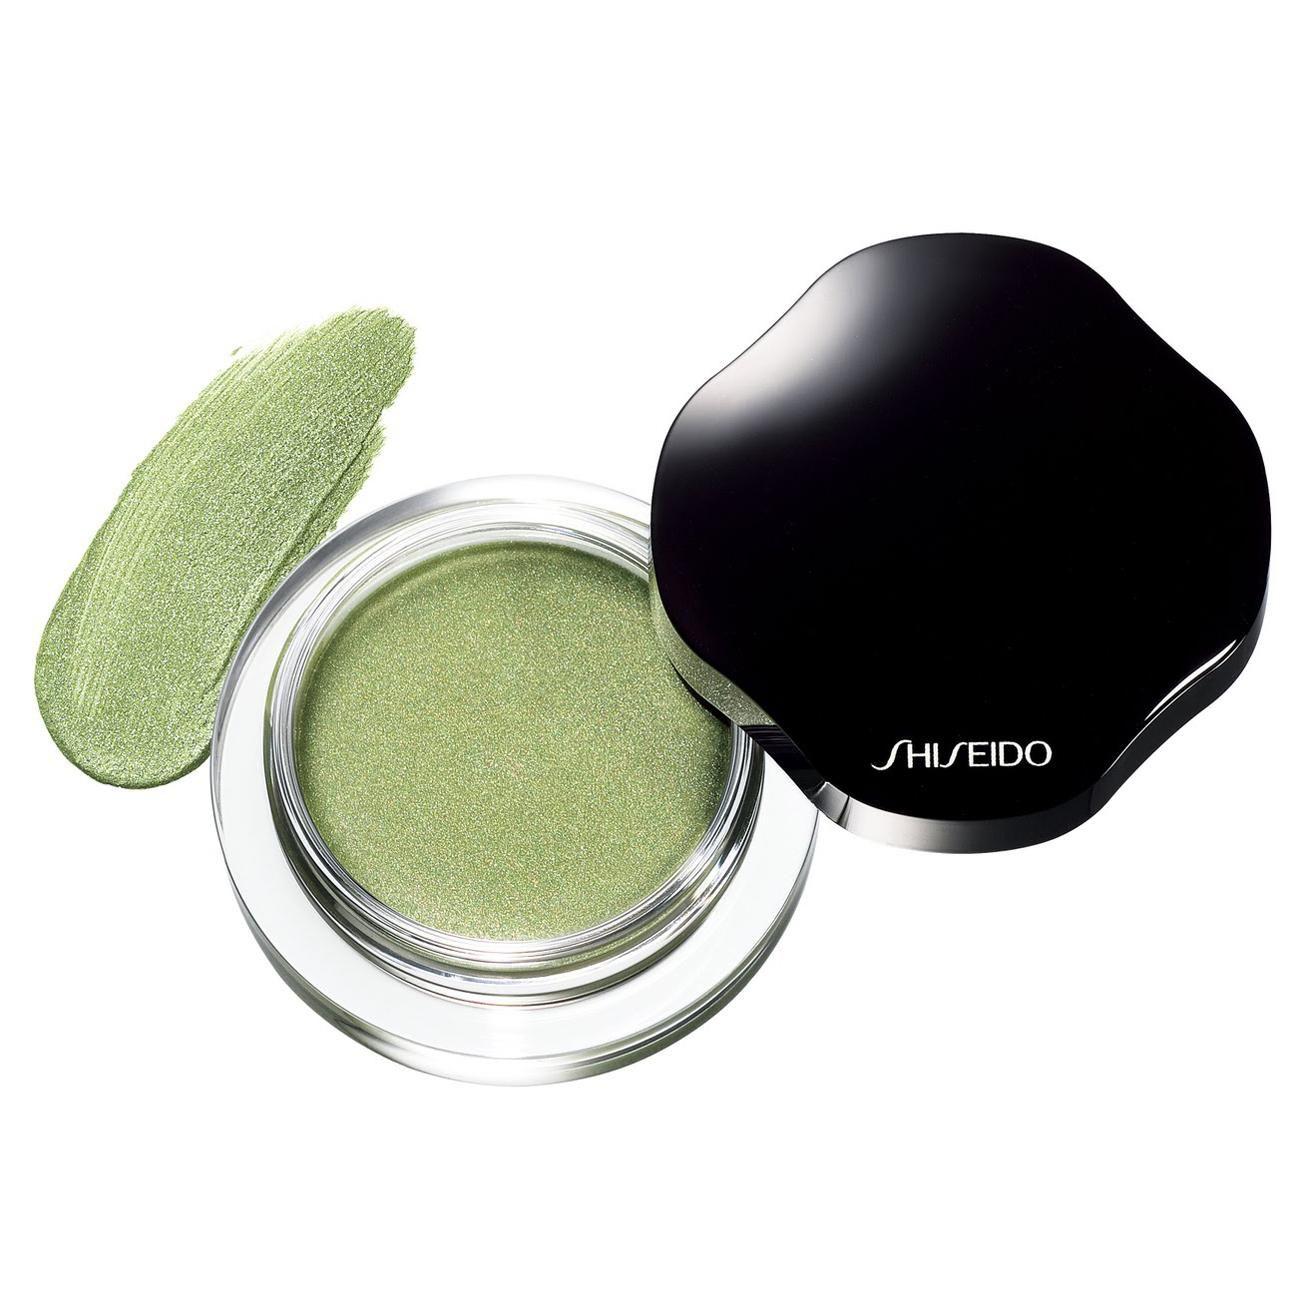 Shiseido Shimmering Cream Eyecolor-Gr708